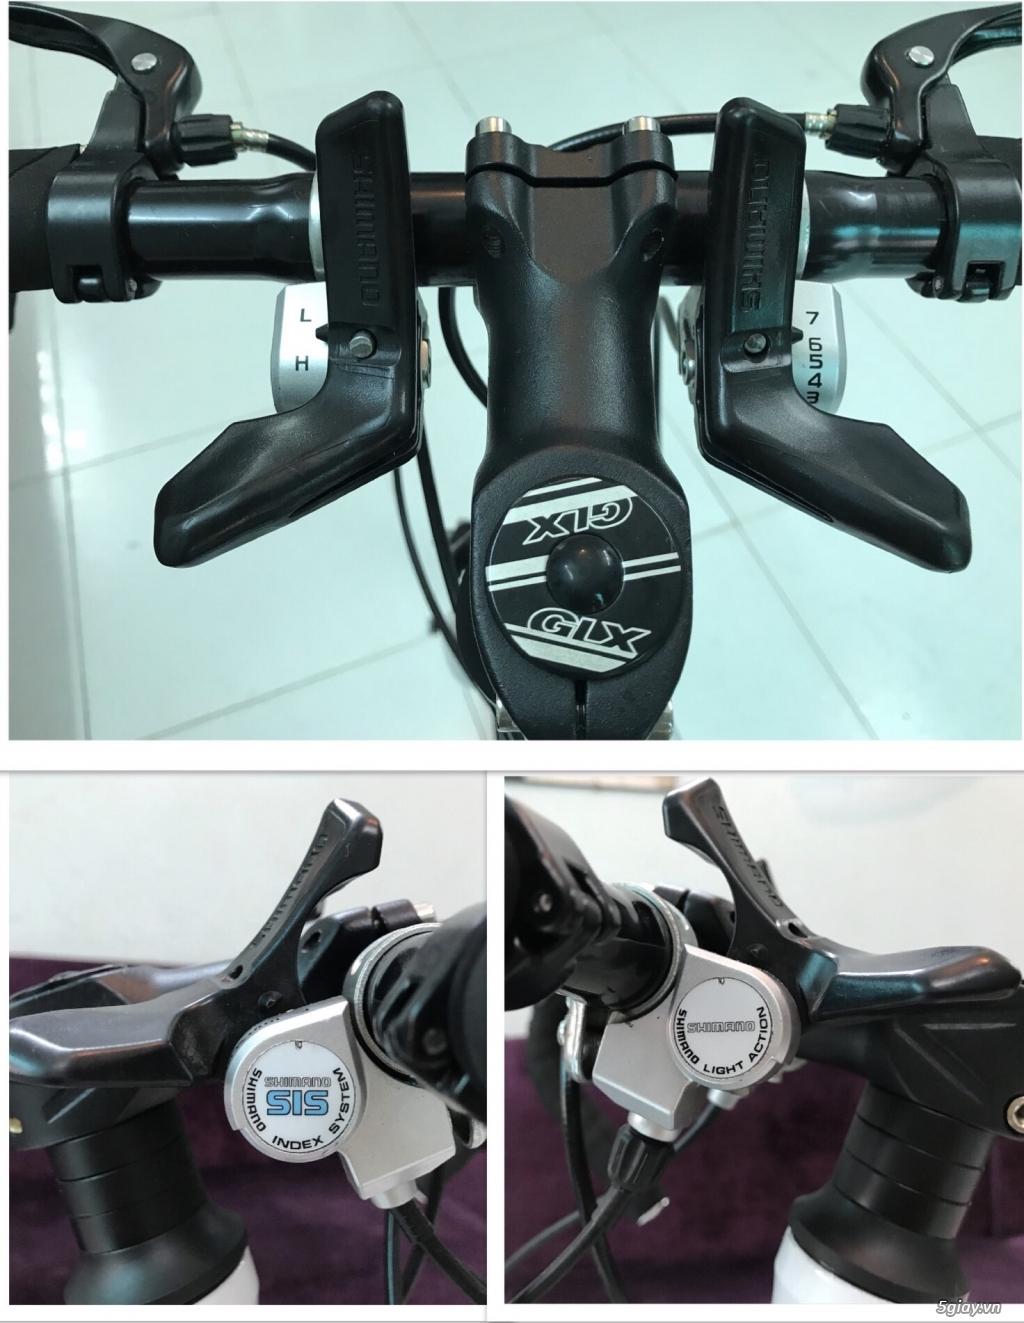 Xe đạp Galaxy RL 320 khung nhôm nhẹ, full group Shimano